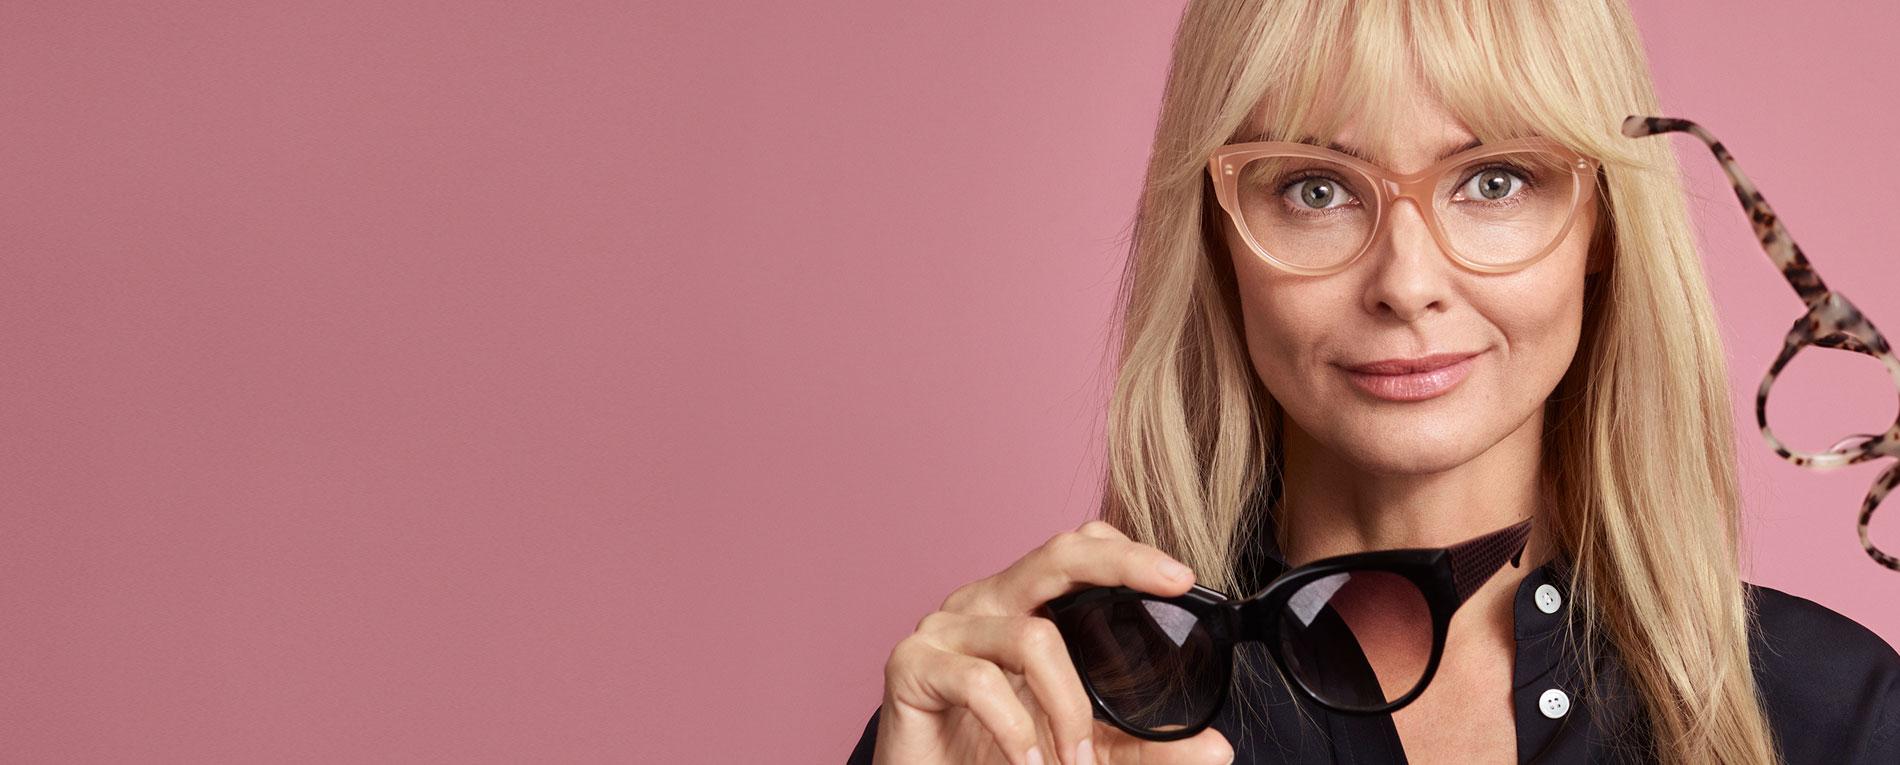 Tilbud på briller og kontaktlinser hos Smarteyes